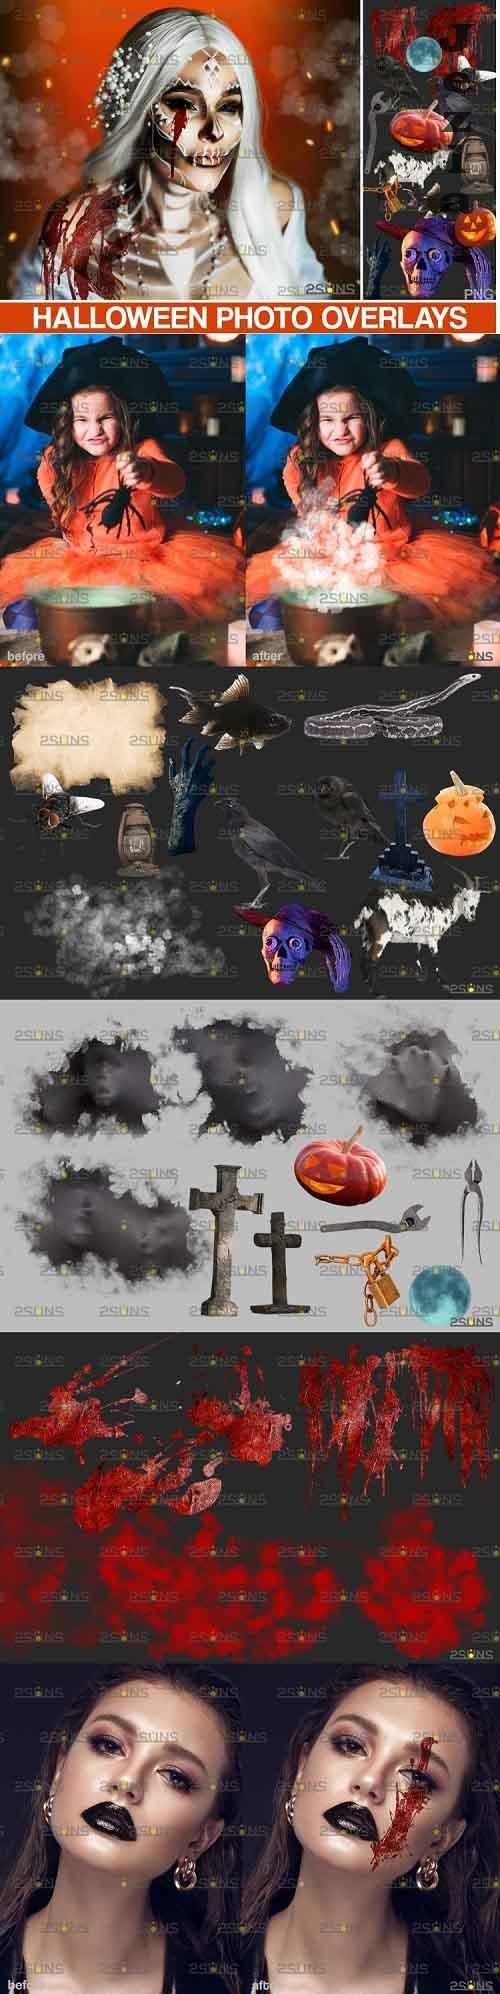 Halloween clipart & Halloween overlays, Photoshop overlay - 905460